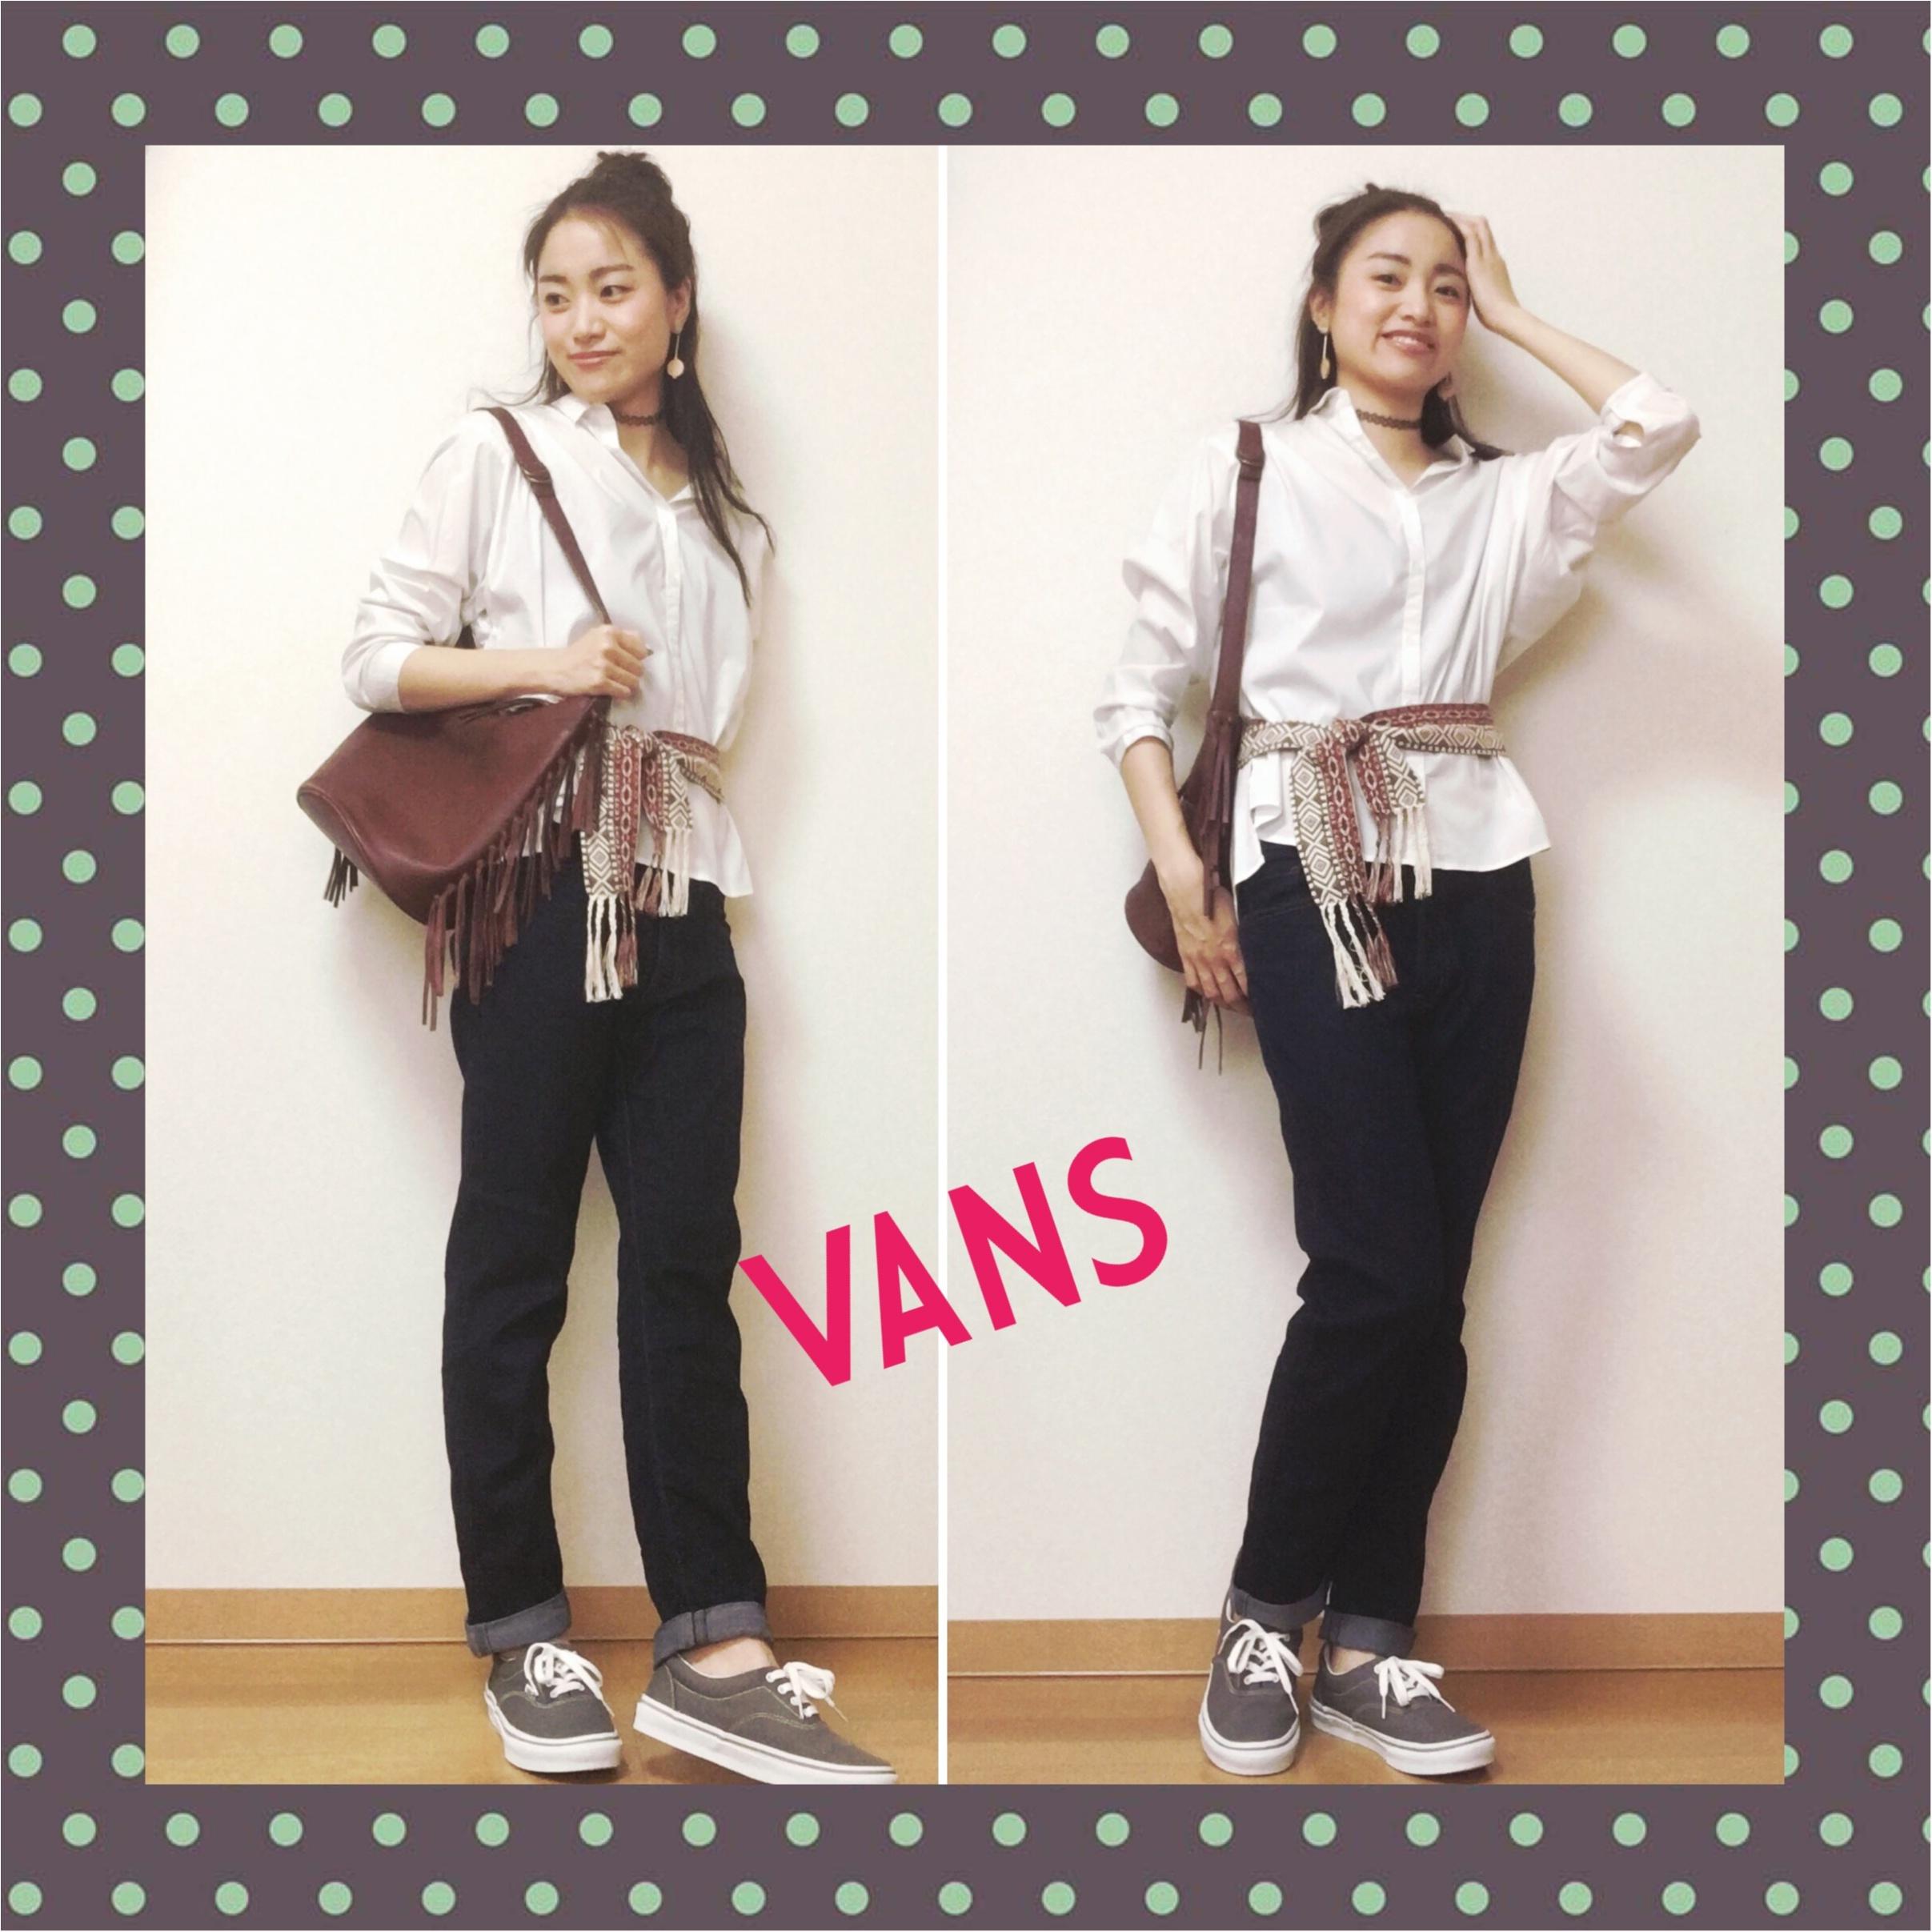 【最近よく見かけるあのシューズ‼︎】VANSのスニーカー買っちゃいました♡_2